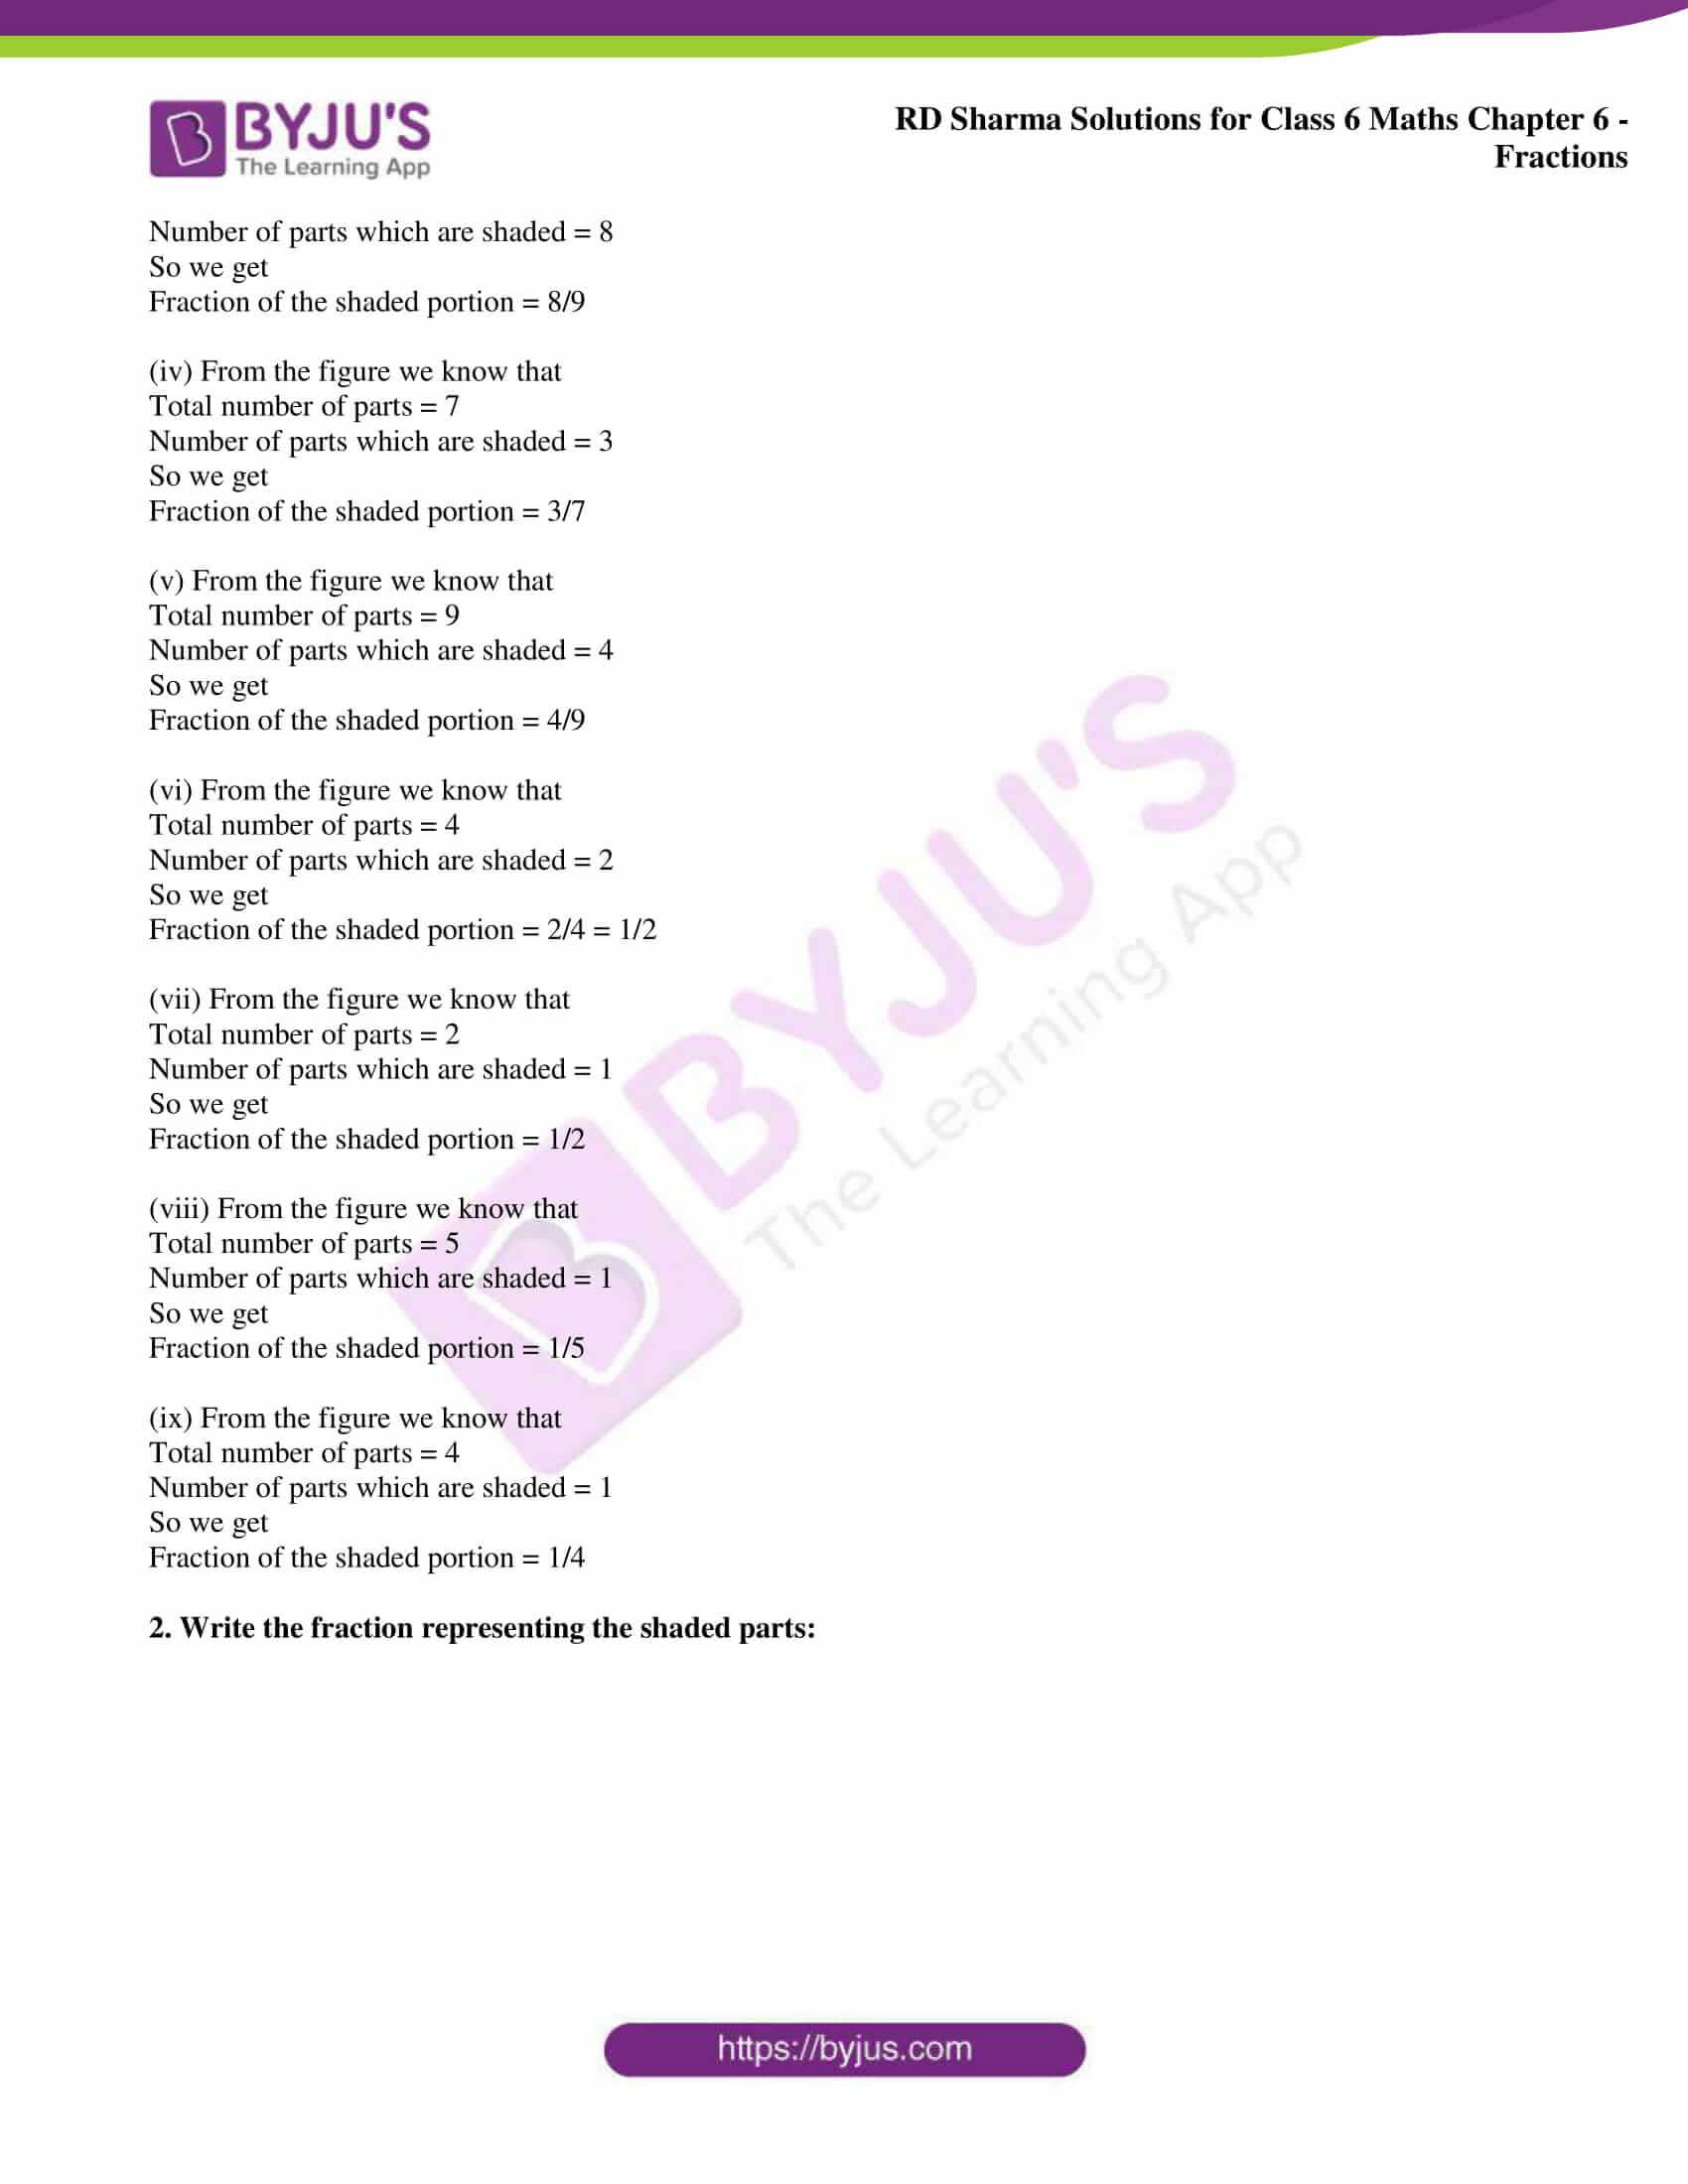 rd sharma class 6 maths solutions chapter 6 ex 1 2